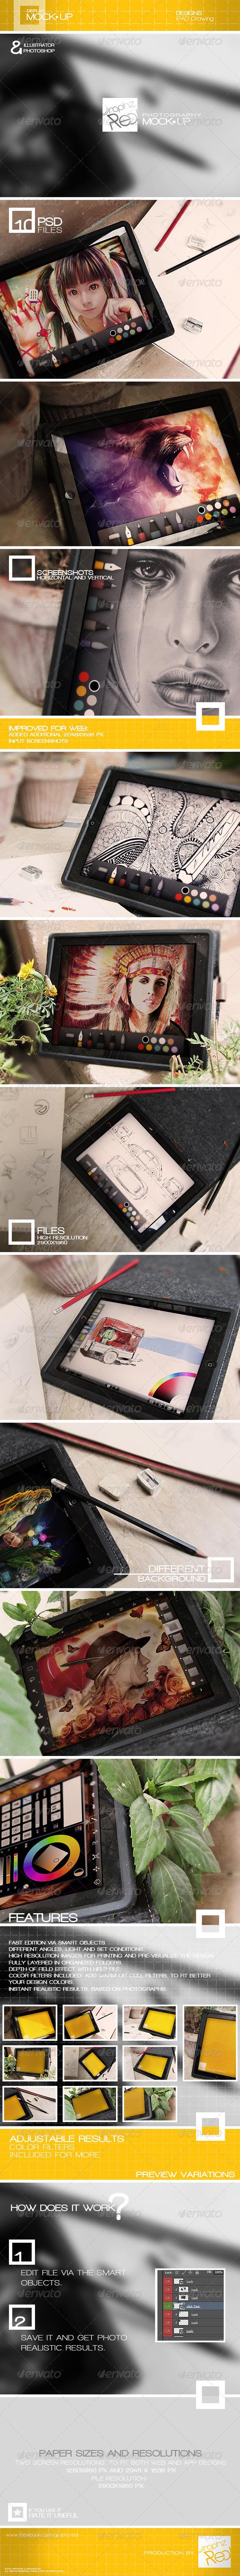 Mock-up 001 - Mobile Displays